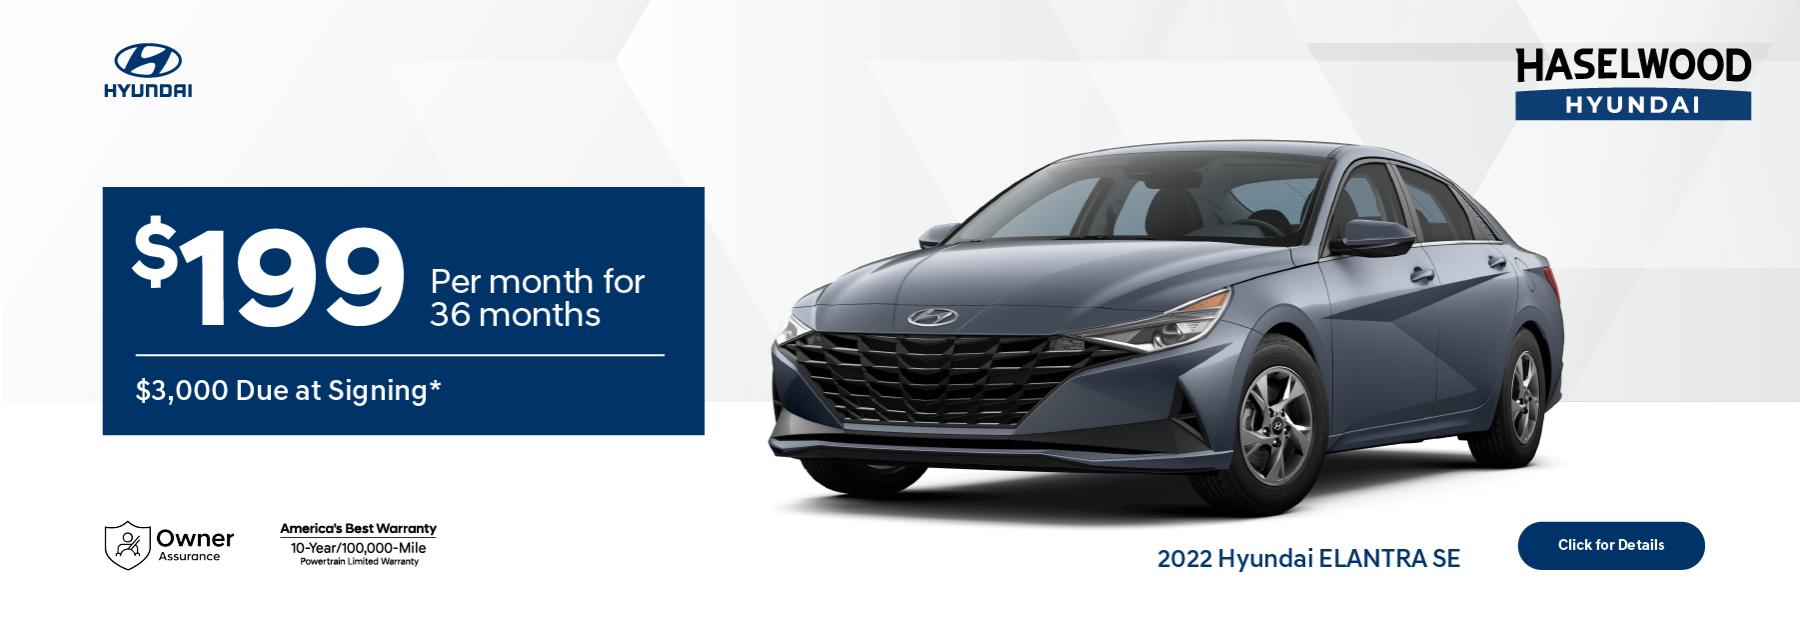 11768 – SEP21 – Hyundai Incentive – Web Slides_Elantra – Desktop